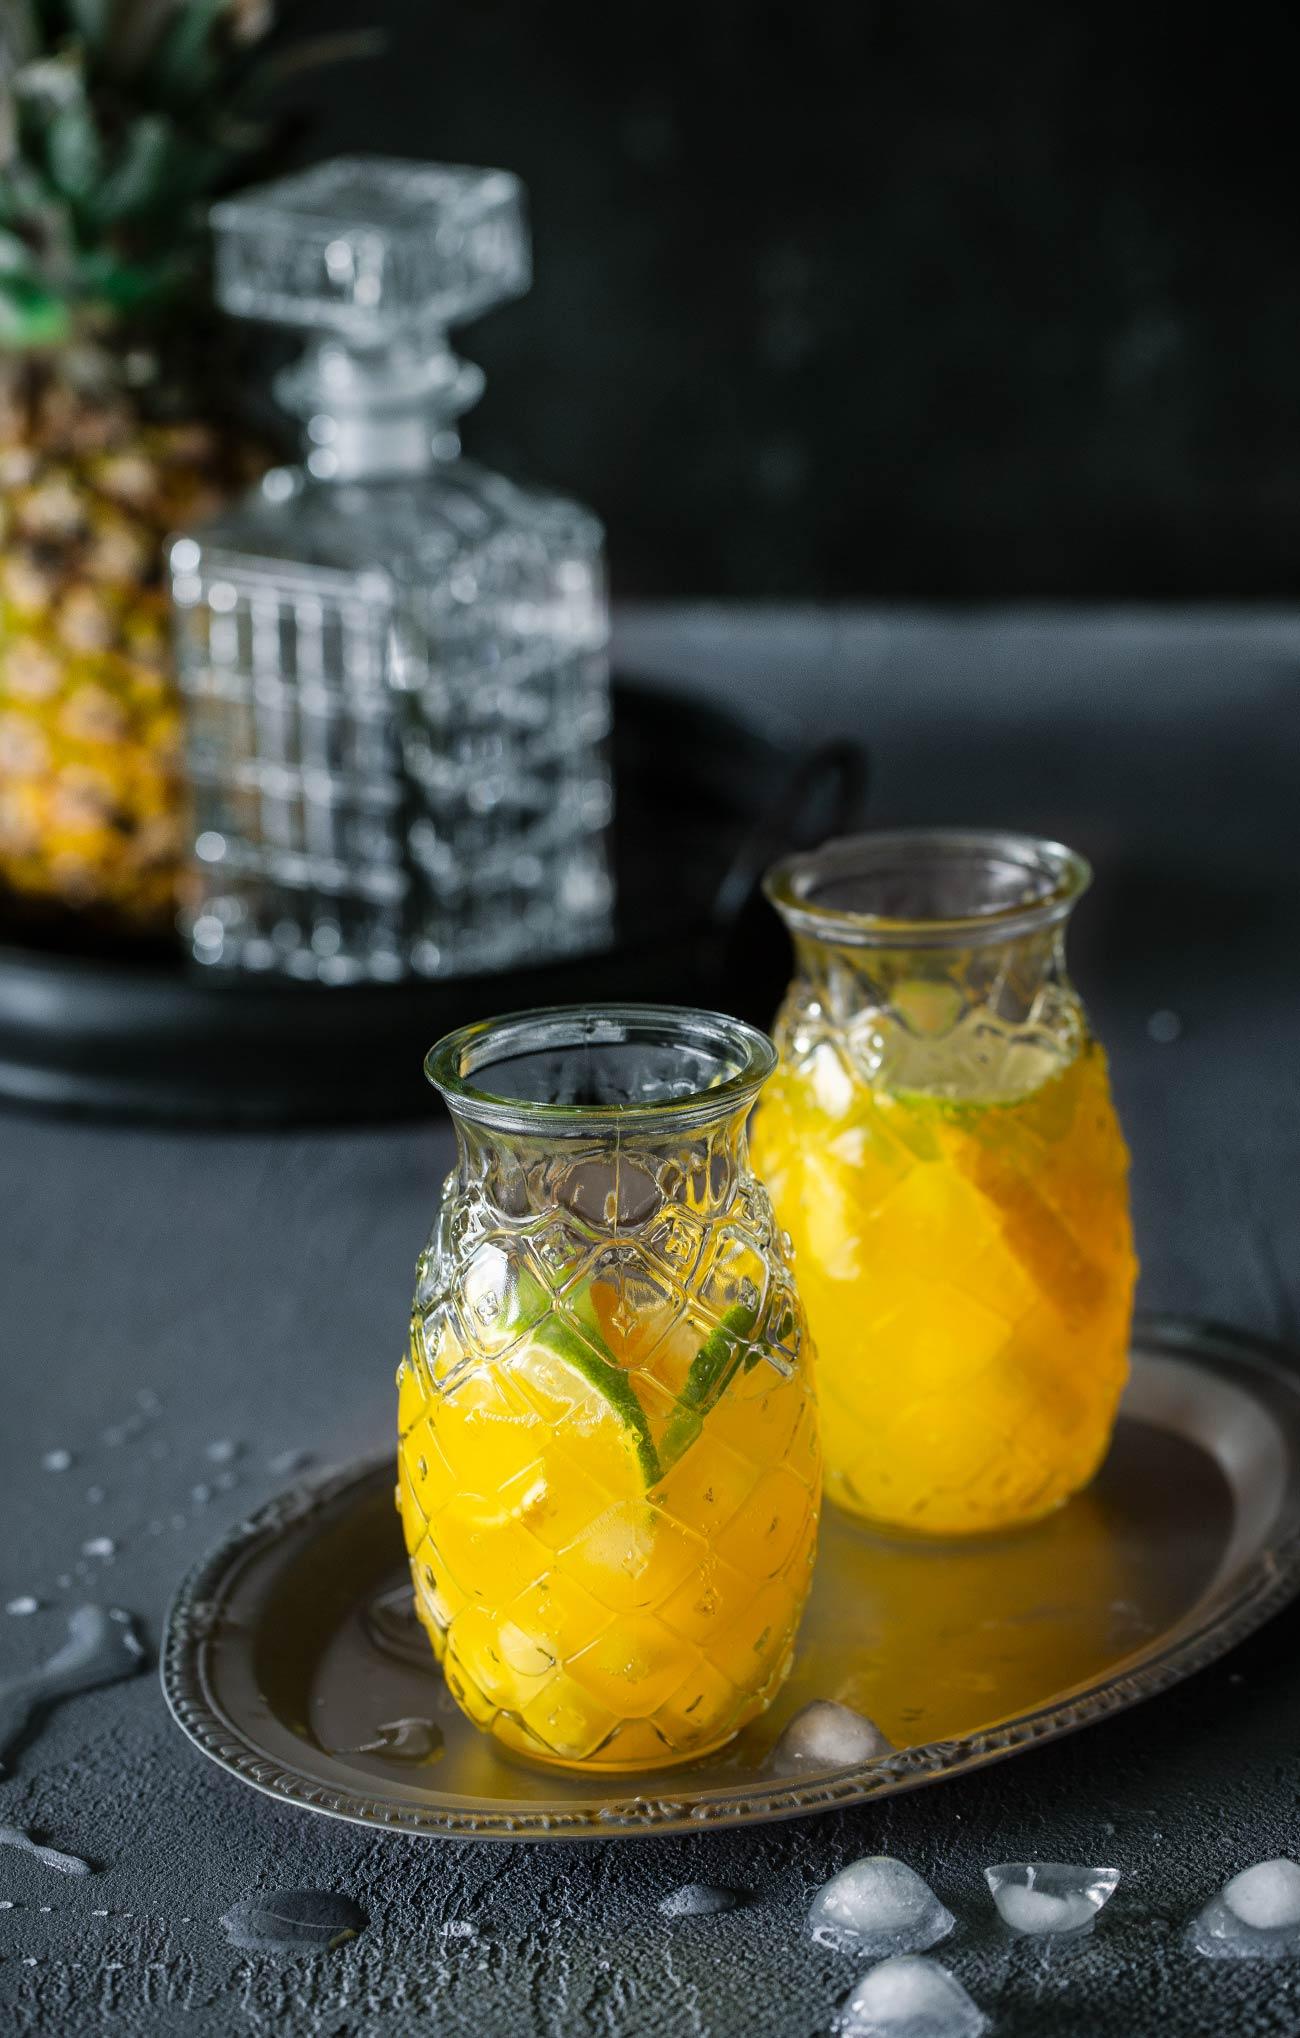 Ananas-Zitrus Limonade Erfrischung bitte! Eiskalt! Könnt ihr haben. Mit einer selbstgemachten Limonade ist der Sommer doch noch viel viel schöner.